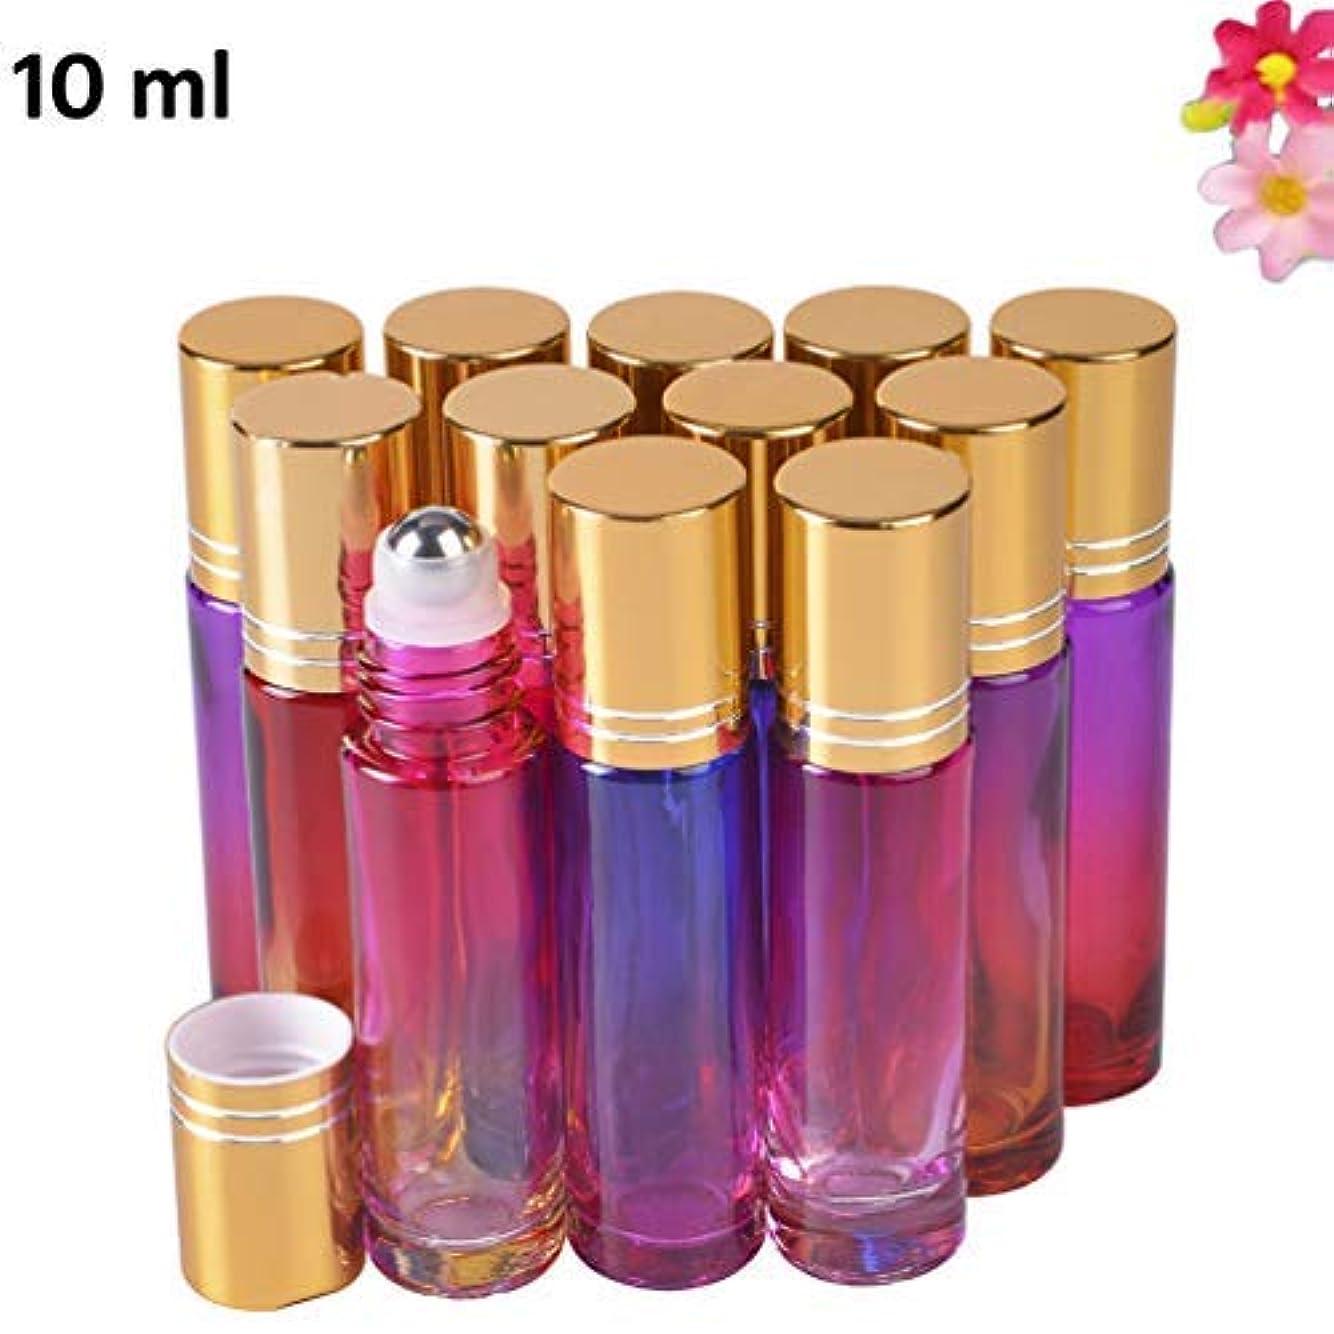 ニンニク写真のインゲン12 pack Essential Oil Roller Bottles 10ml with Beautiful Color [並行輸入品]